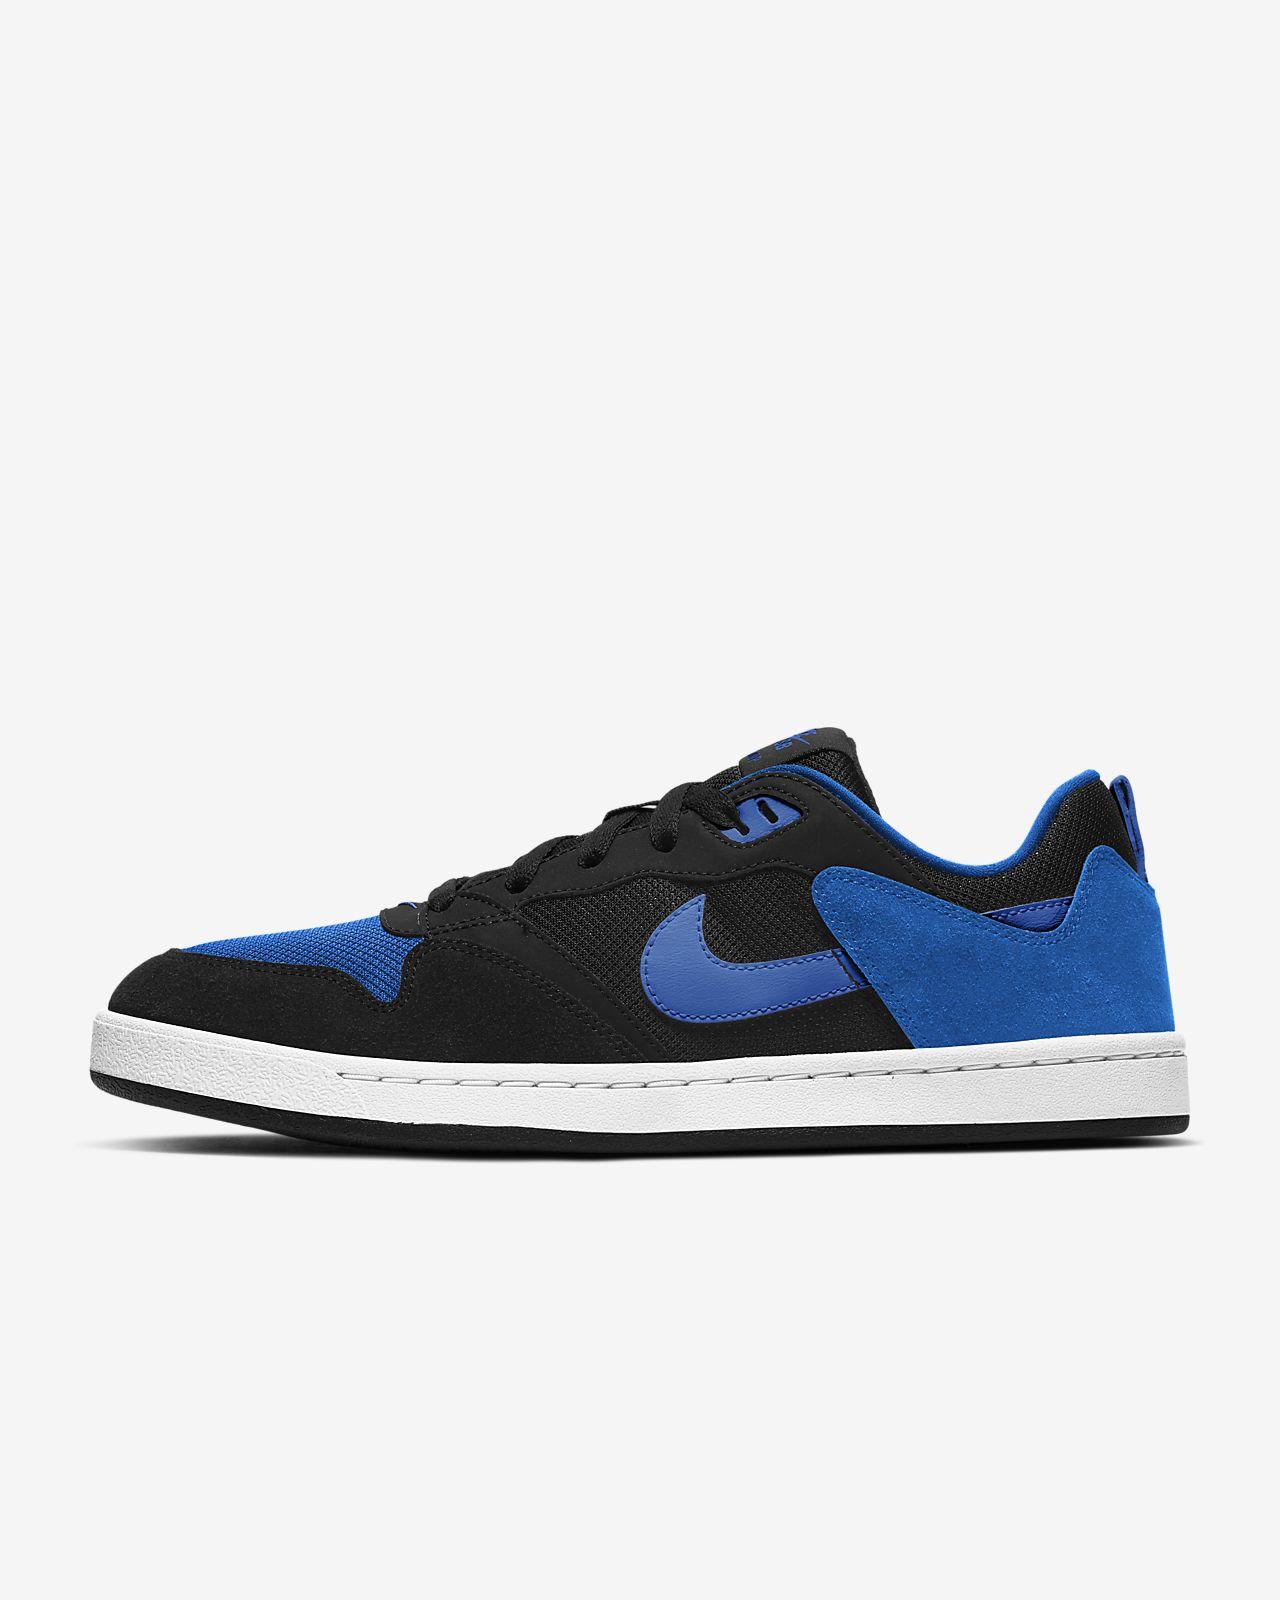 Nike SB Alleyoop Skate Shoe